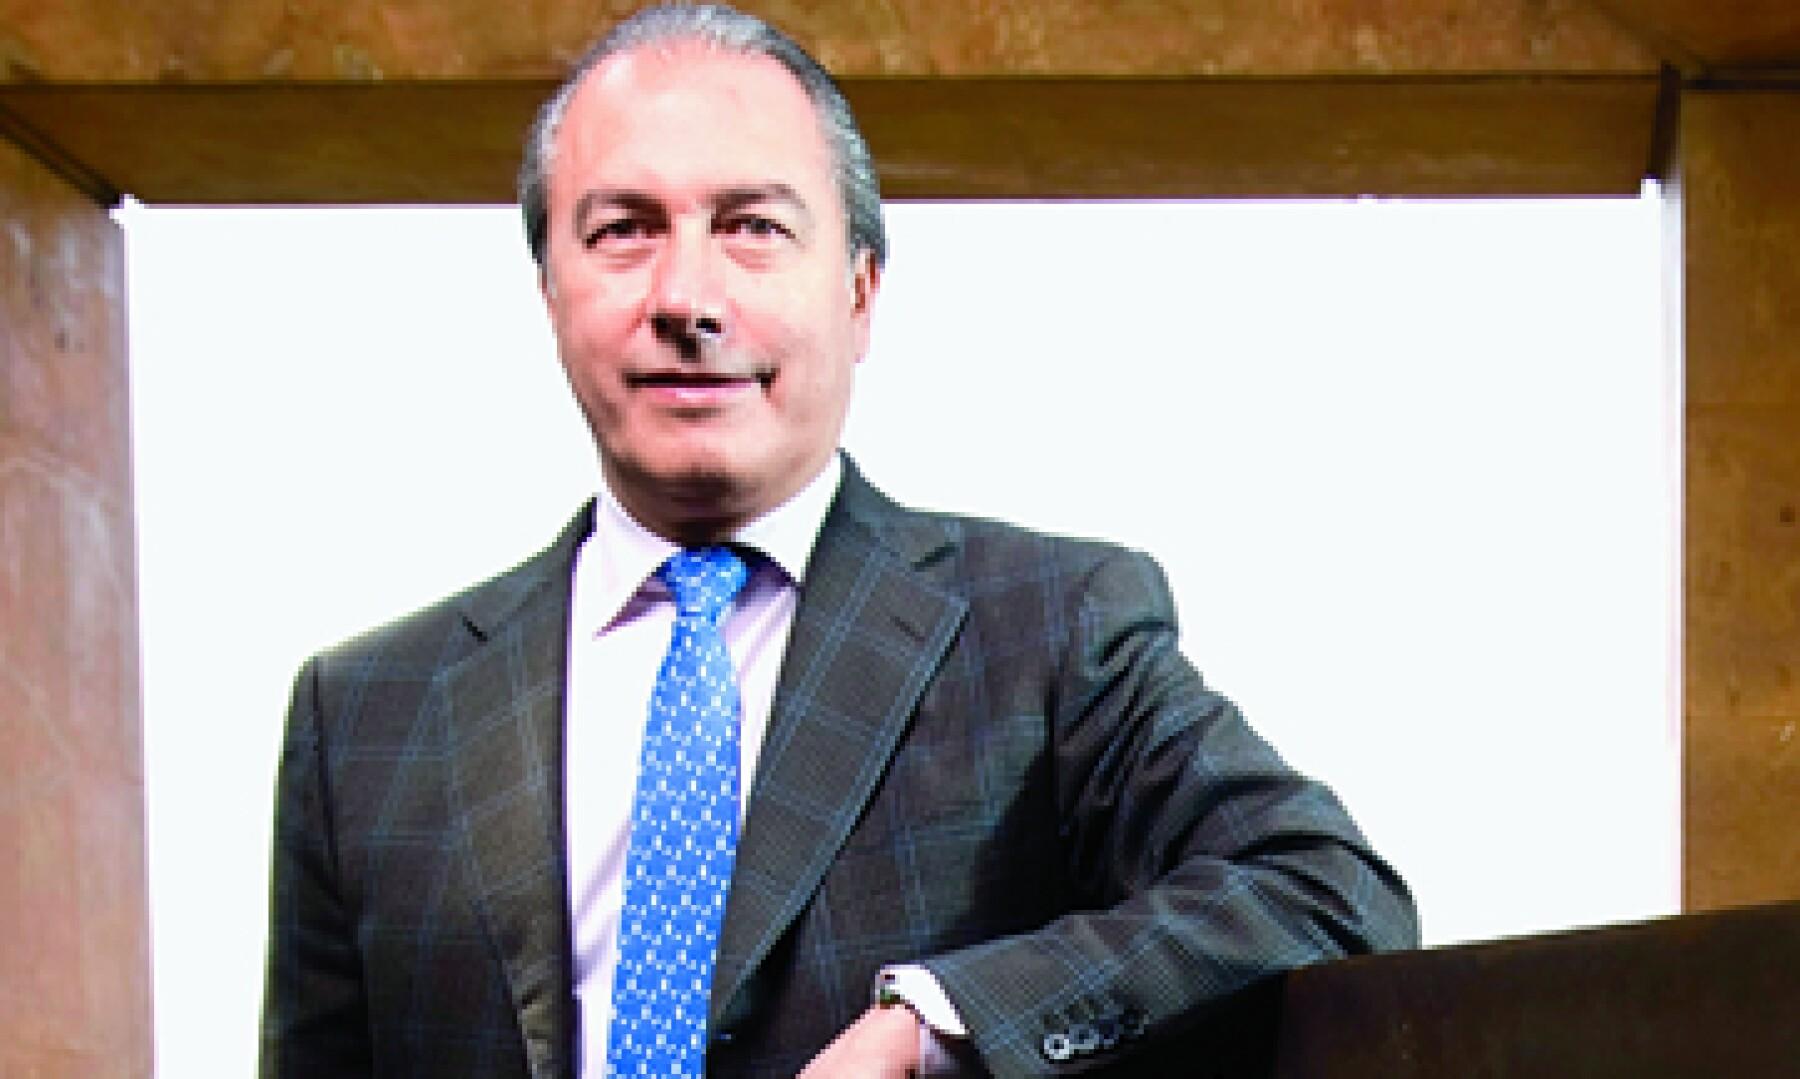 La adquisición de Nutrisa hizo que los ingresos de la firma de Héctor Hernández-Pons subieran 15%. (Foto: Adán Gutiérrez/Expansión)